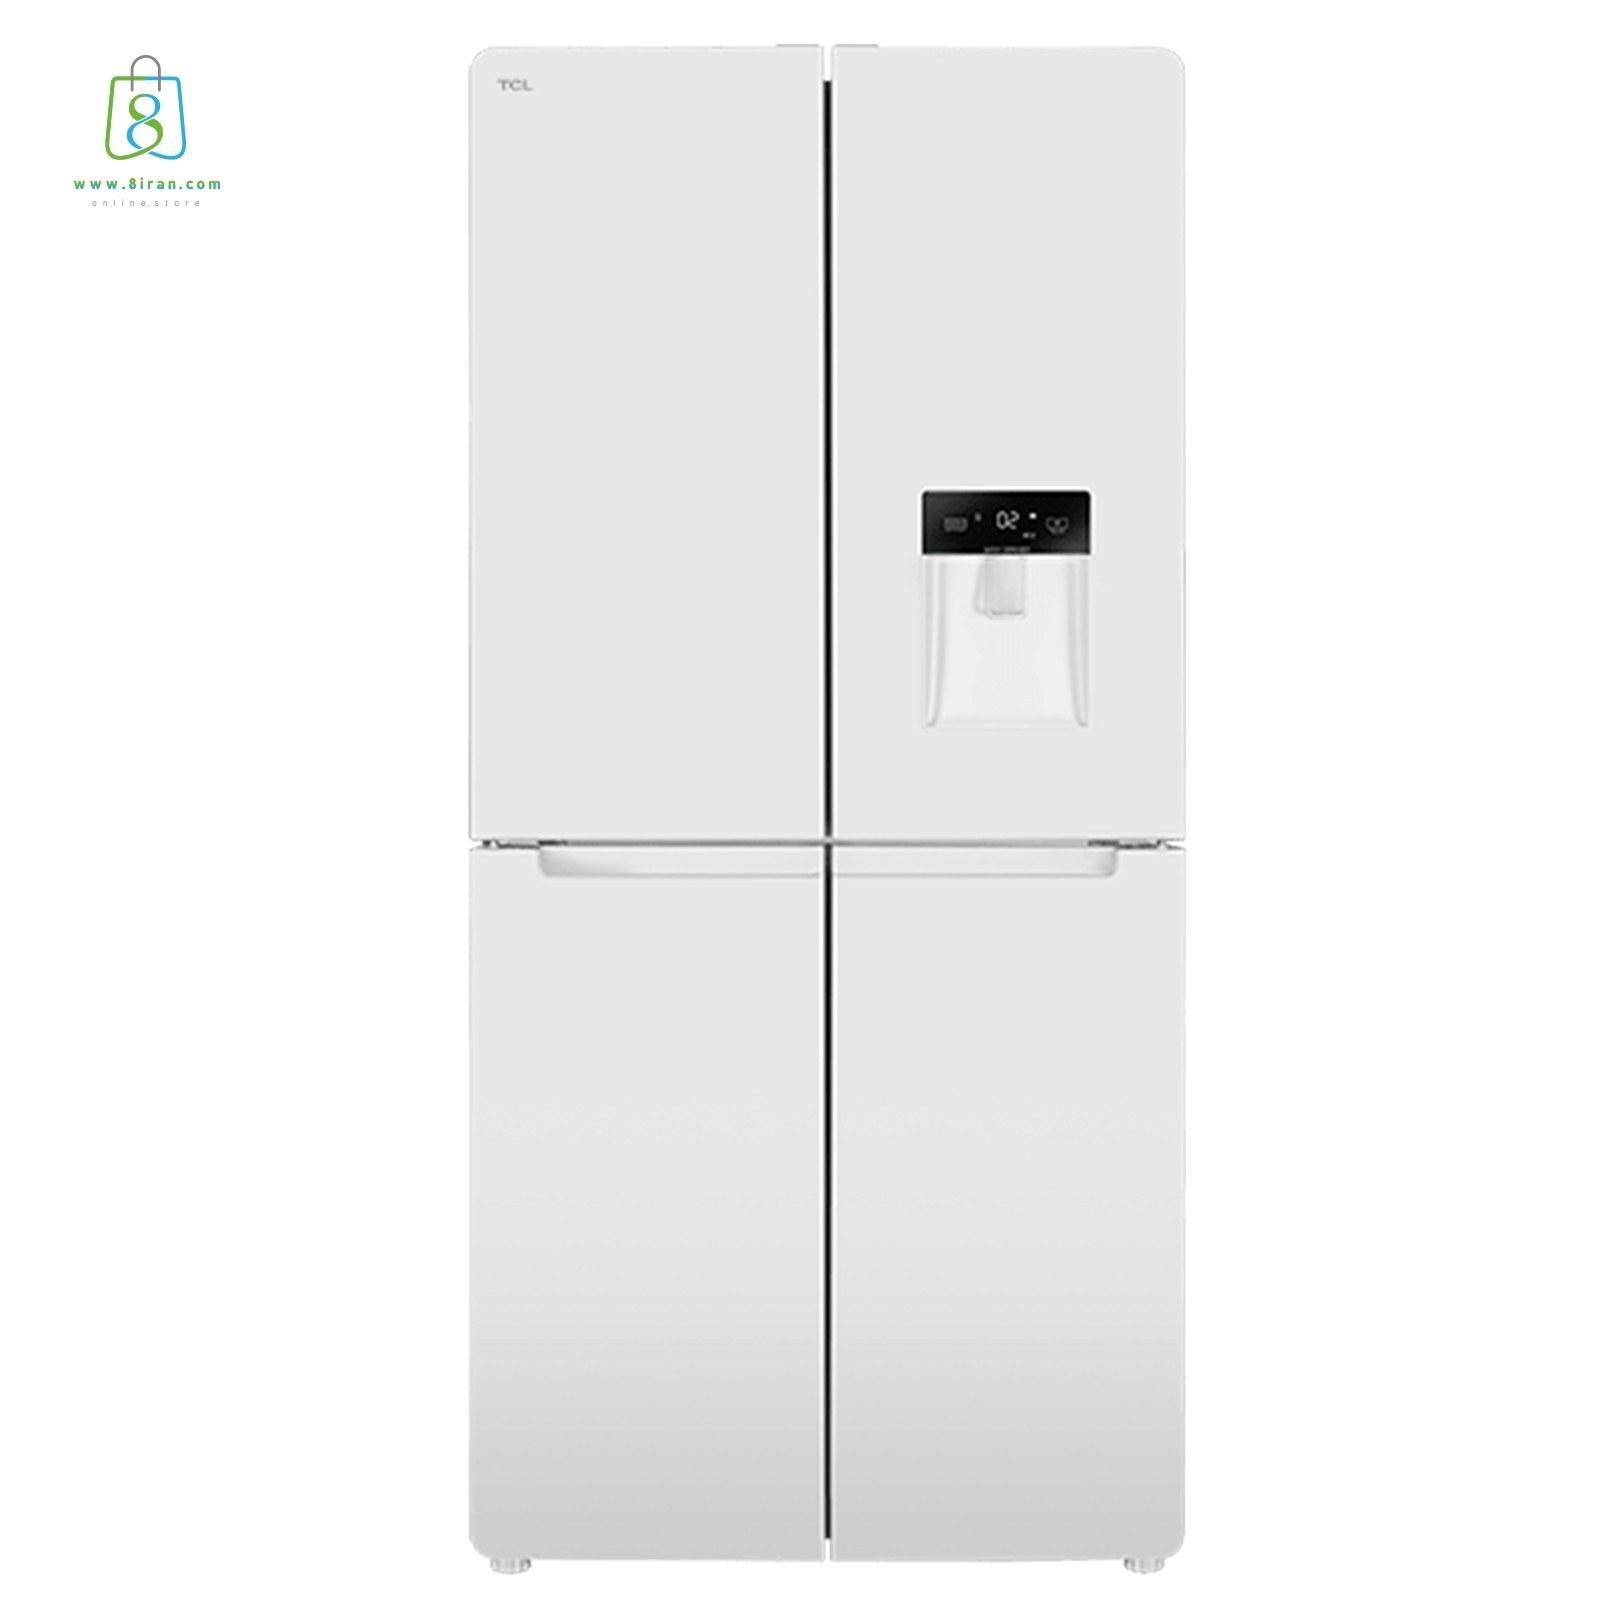 تصویر یخچال و فریزرساید بای ساید تی سی ال مدل TR4-540ED TCL refrigerator model TR4-540ED